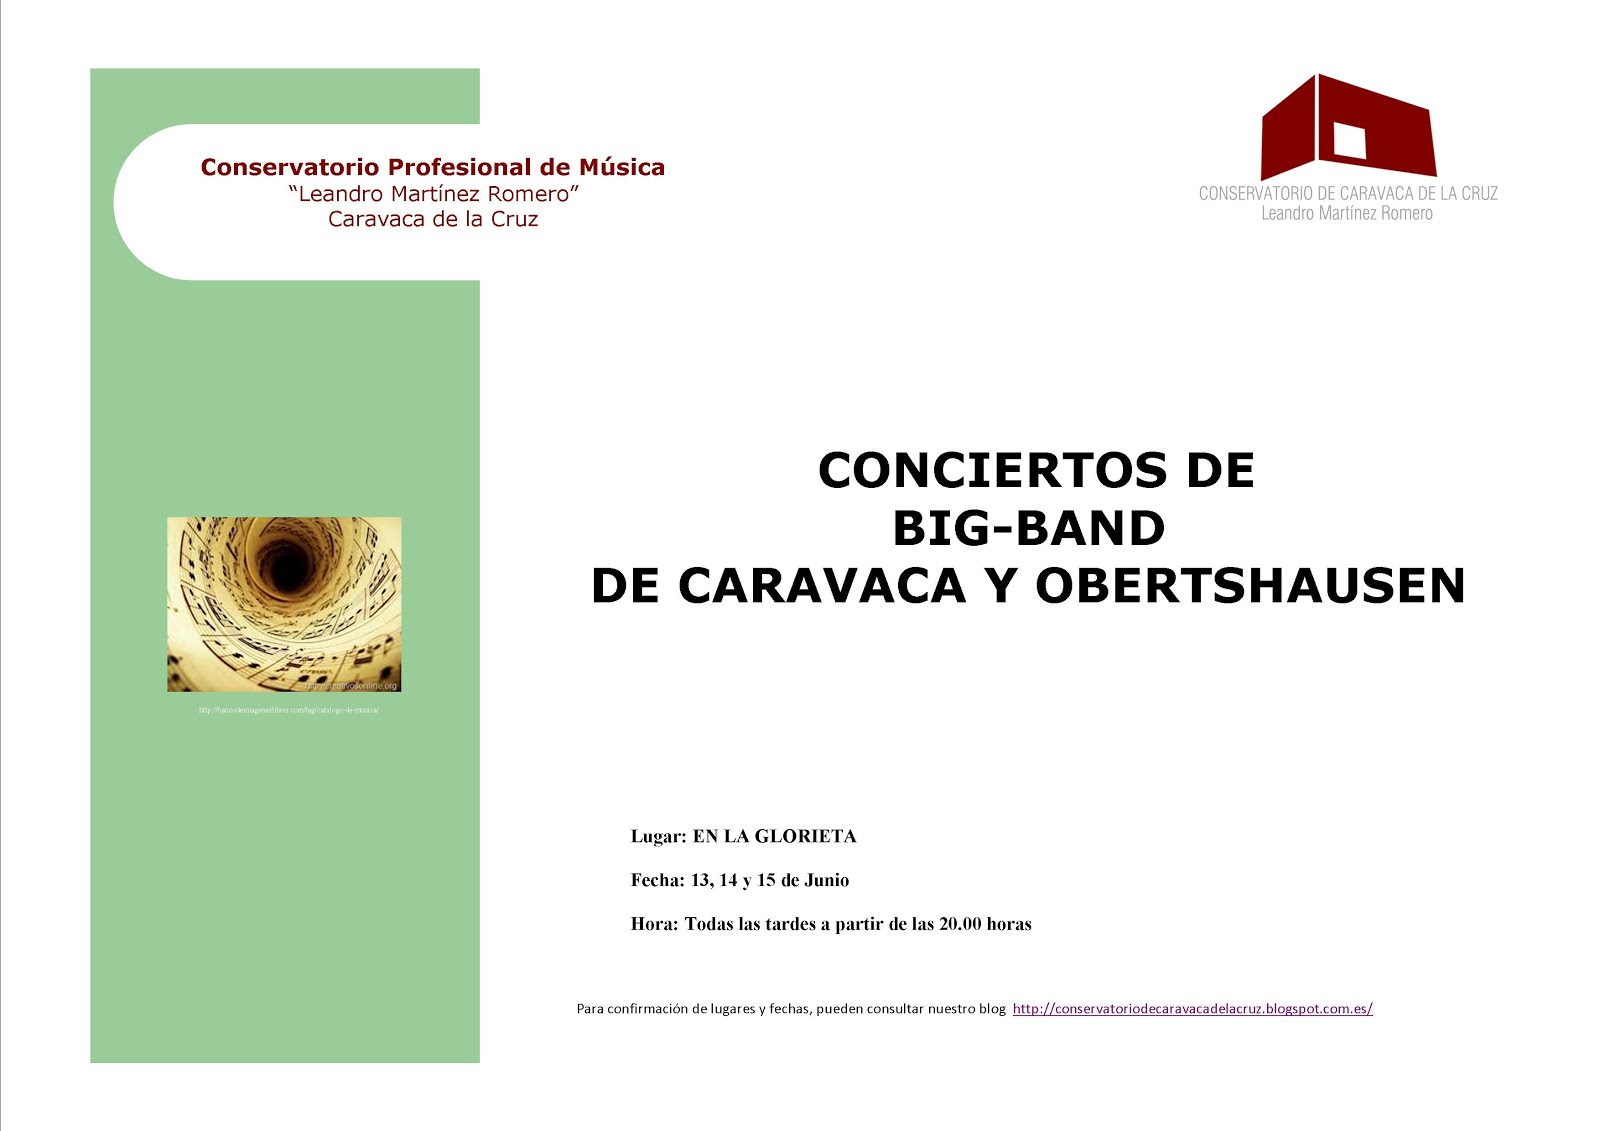 Conservatorio de m sica caravaca de la cruz for Conservatorio de musica